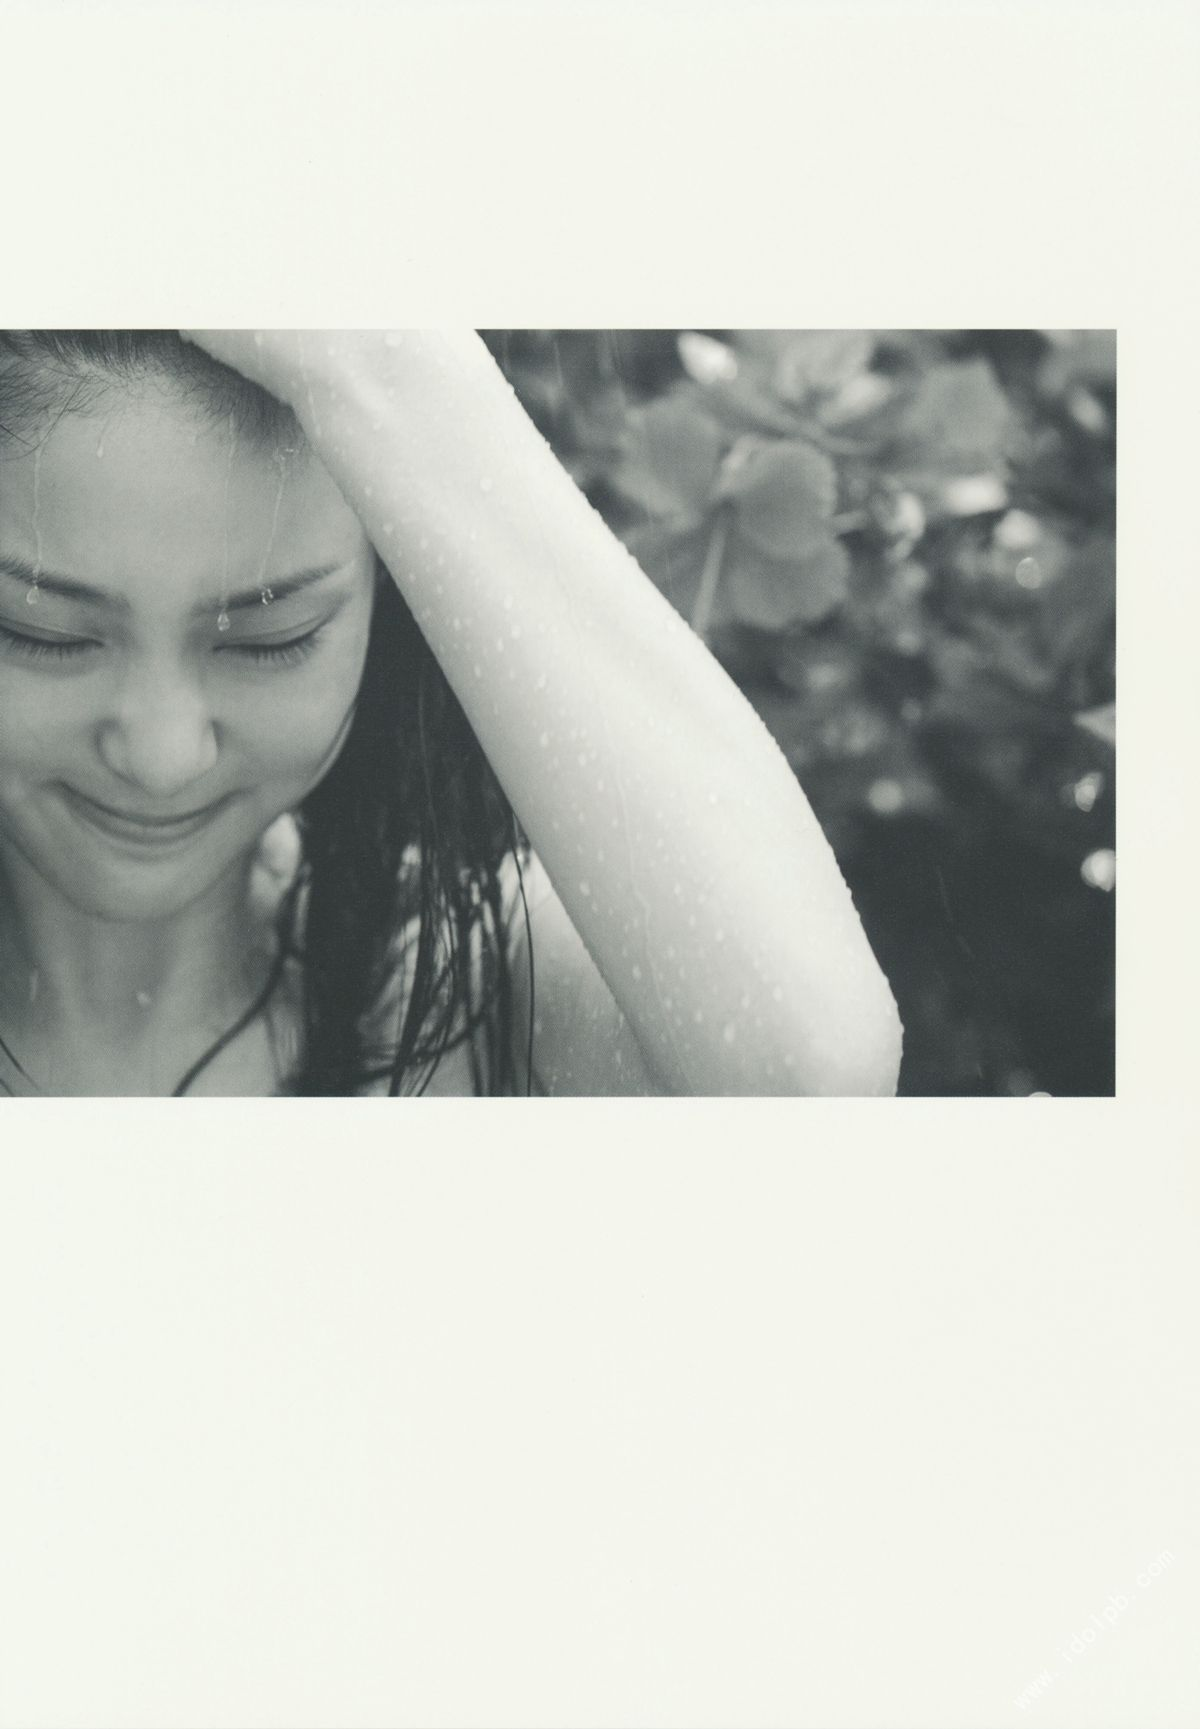 EMI TAKEI 2010105